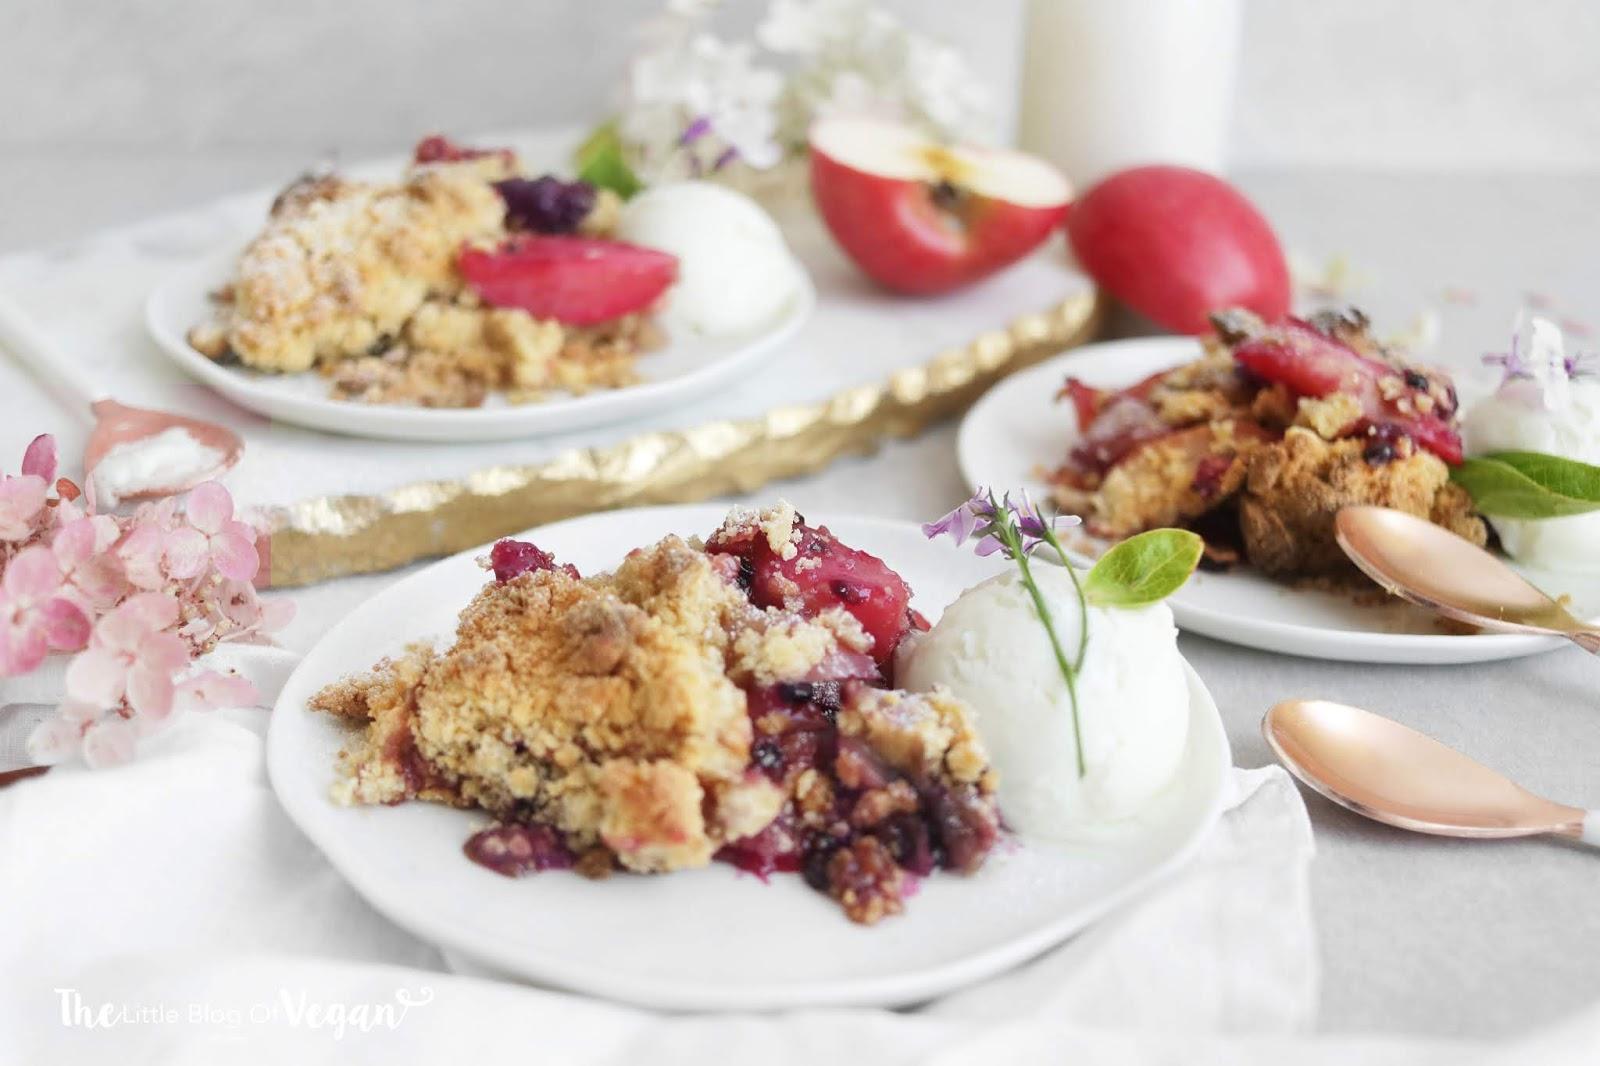 Blackberry & apple crumble recipe